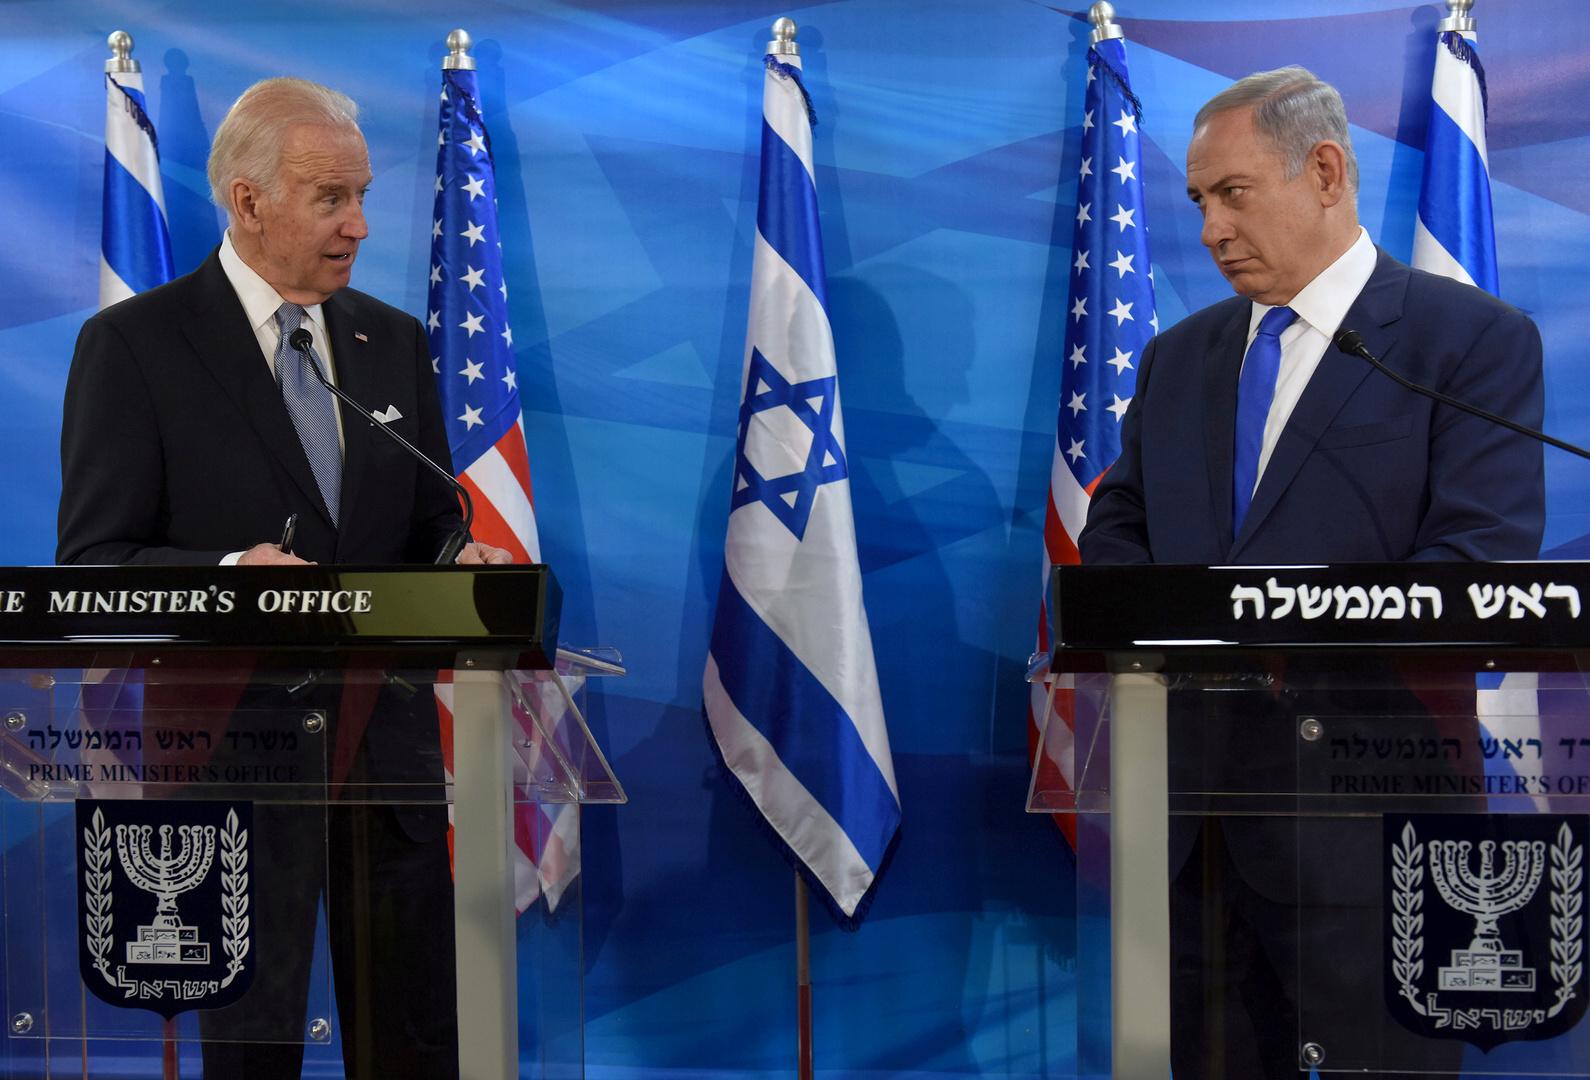 تقارير: نتنياهو يسعى إلى تجنب الخلاف الفوري مع بايدن حول إيران